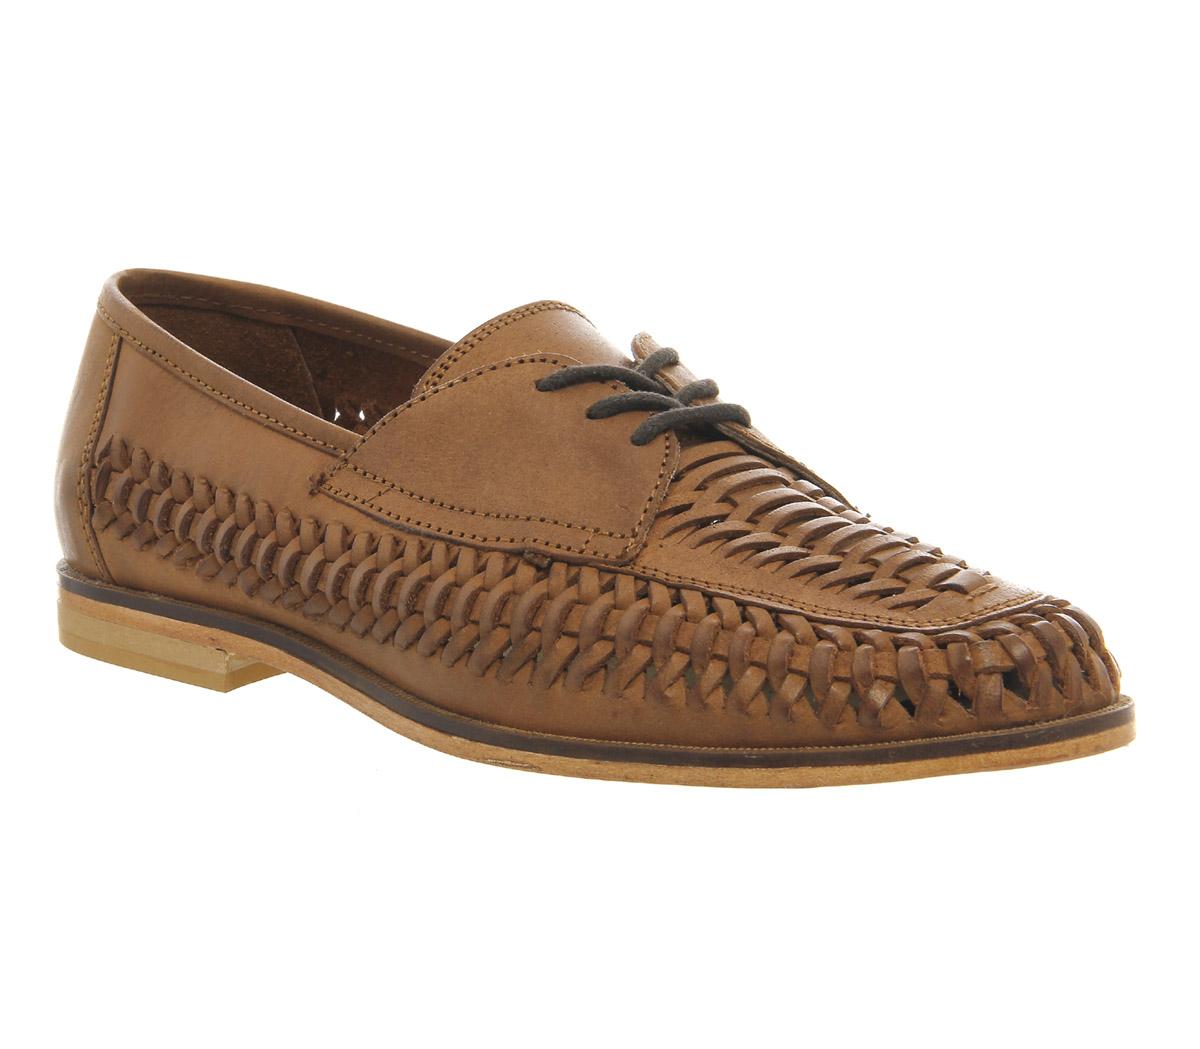 Ferracini Shoes Uk